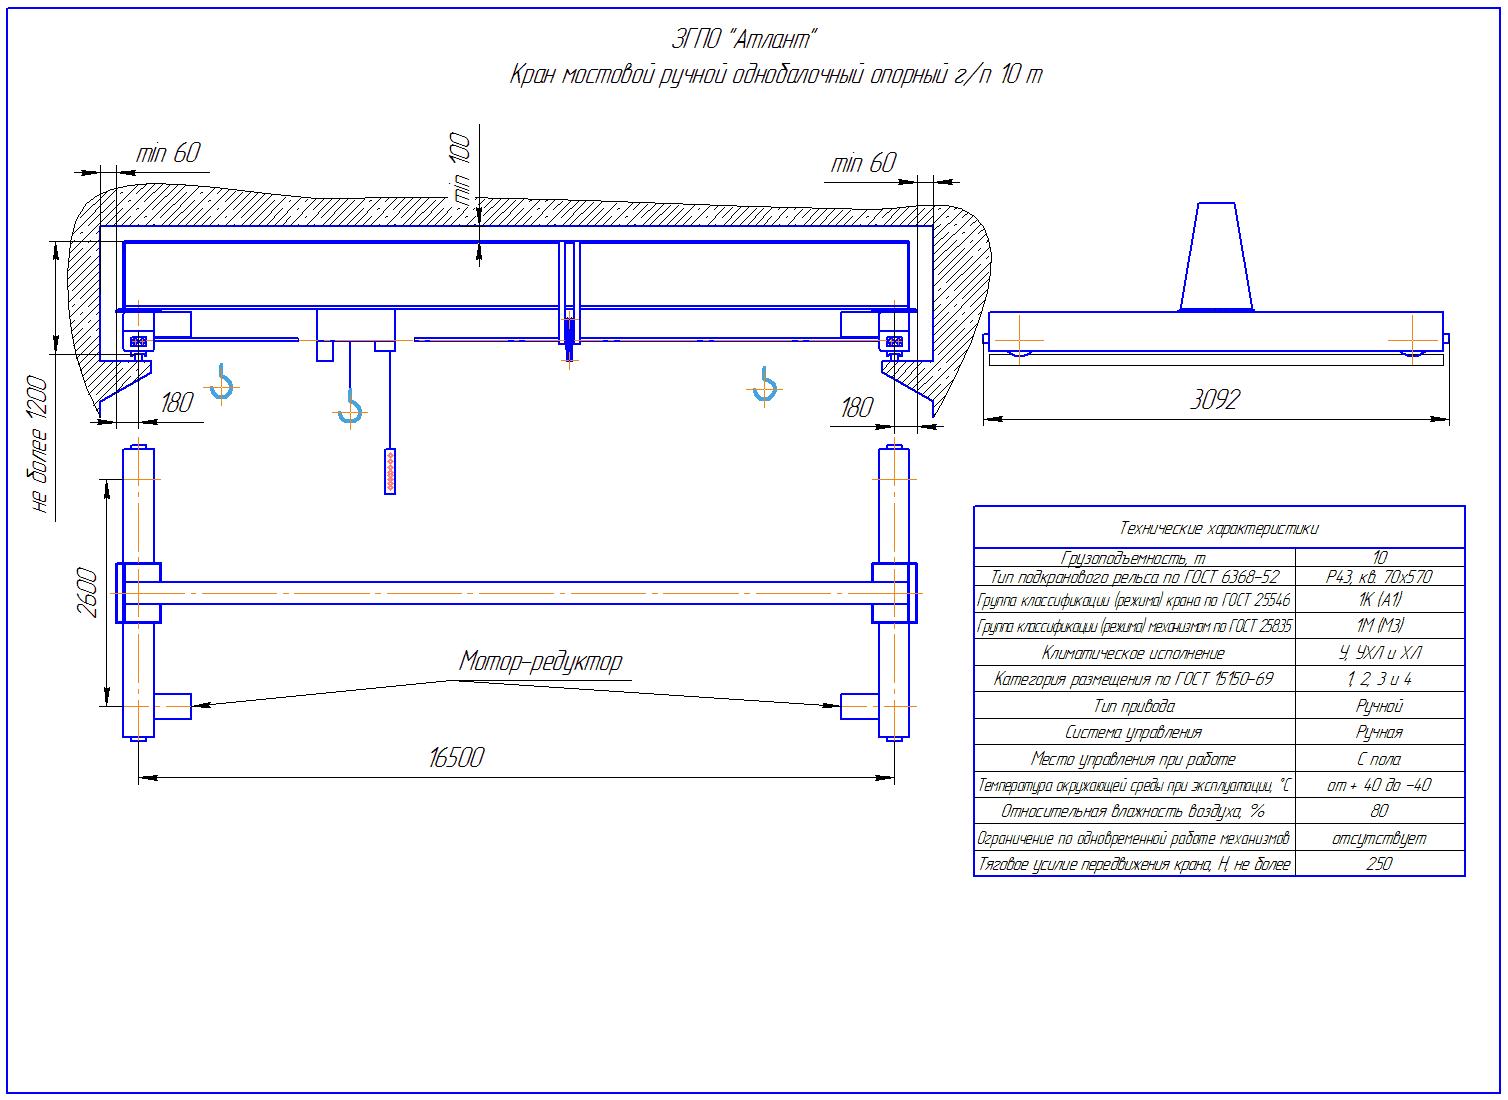 KRMOO 10 165 - Кран ручной мостовой опорный однобалочный